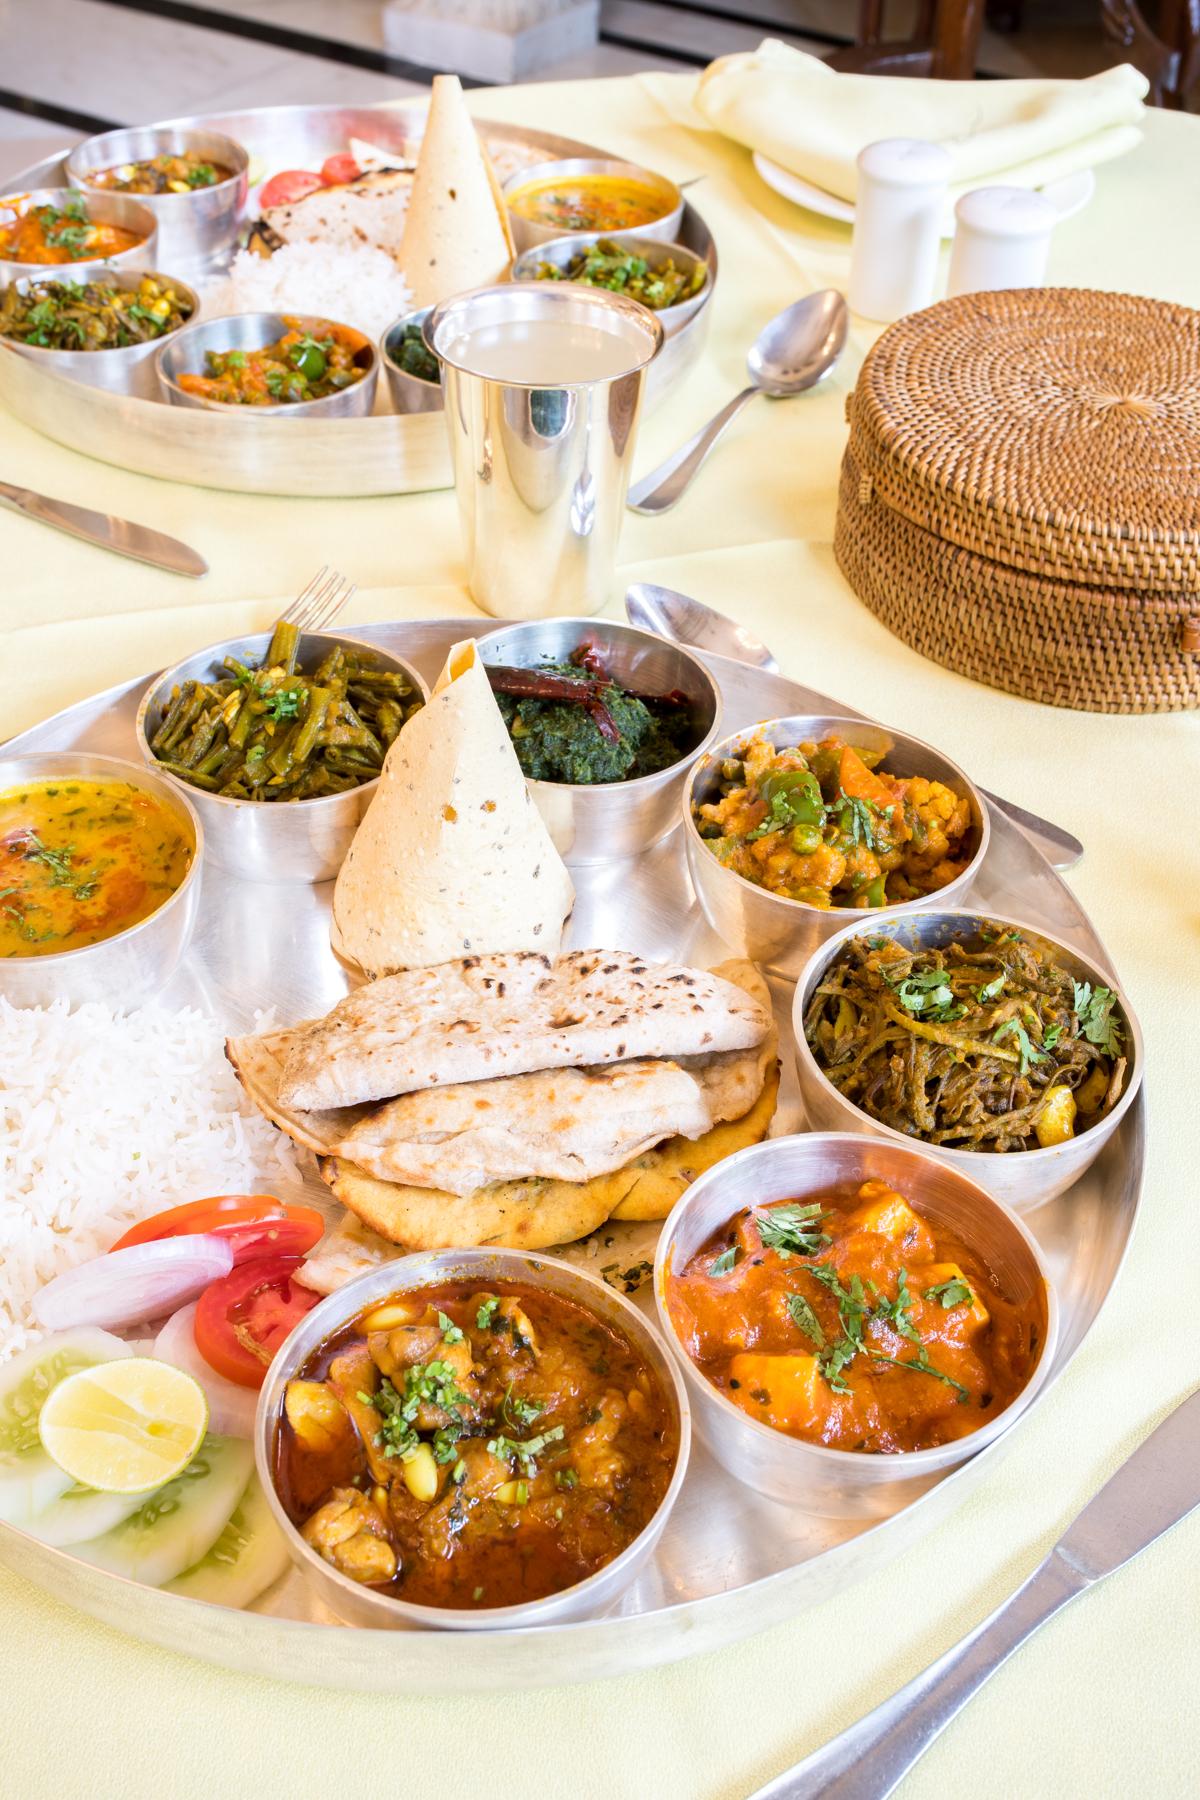 Stacie Flinner City Palace Jaipur 10 Best -28.jpg